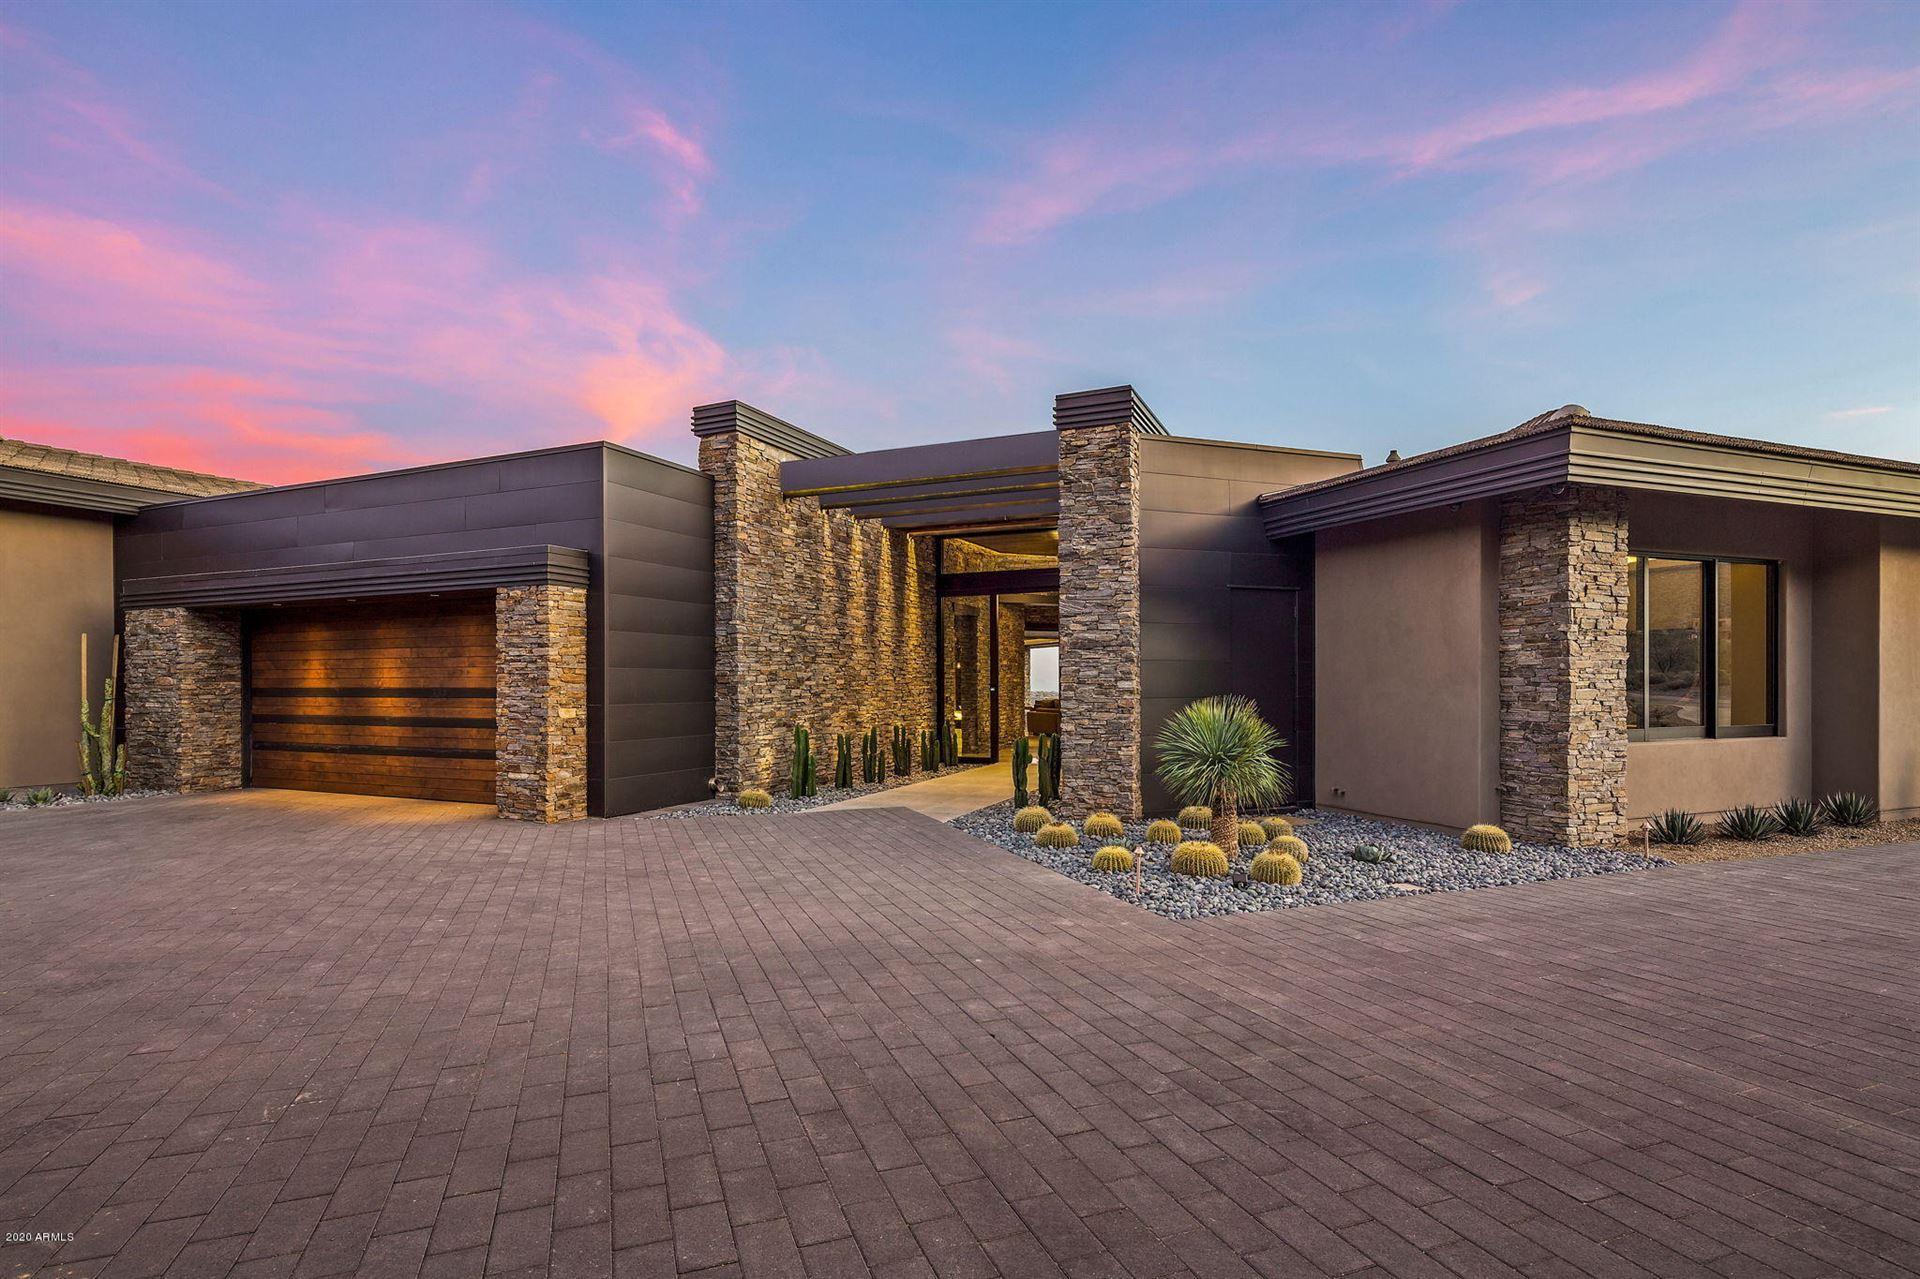 Photo of 9300 E GRAPEVINE PASS Road, Scottsdale, AZ 85262 (MLS # 6028659)